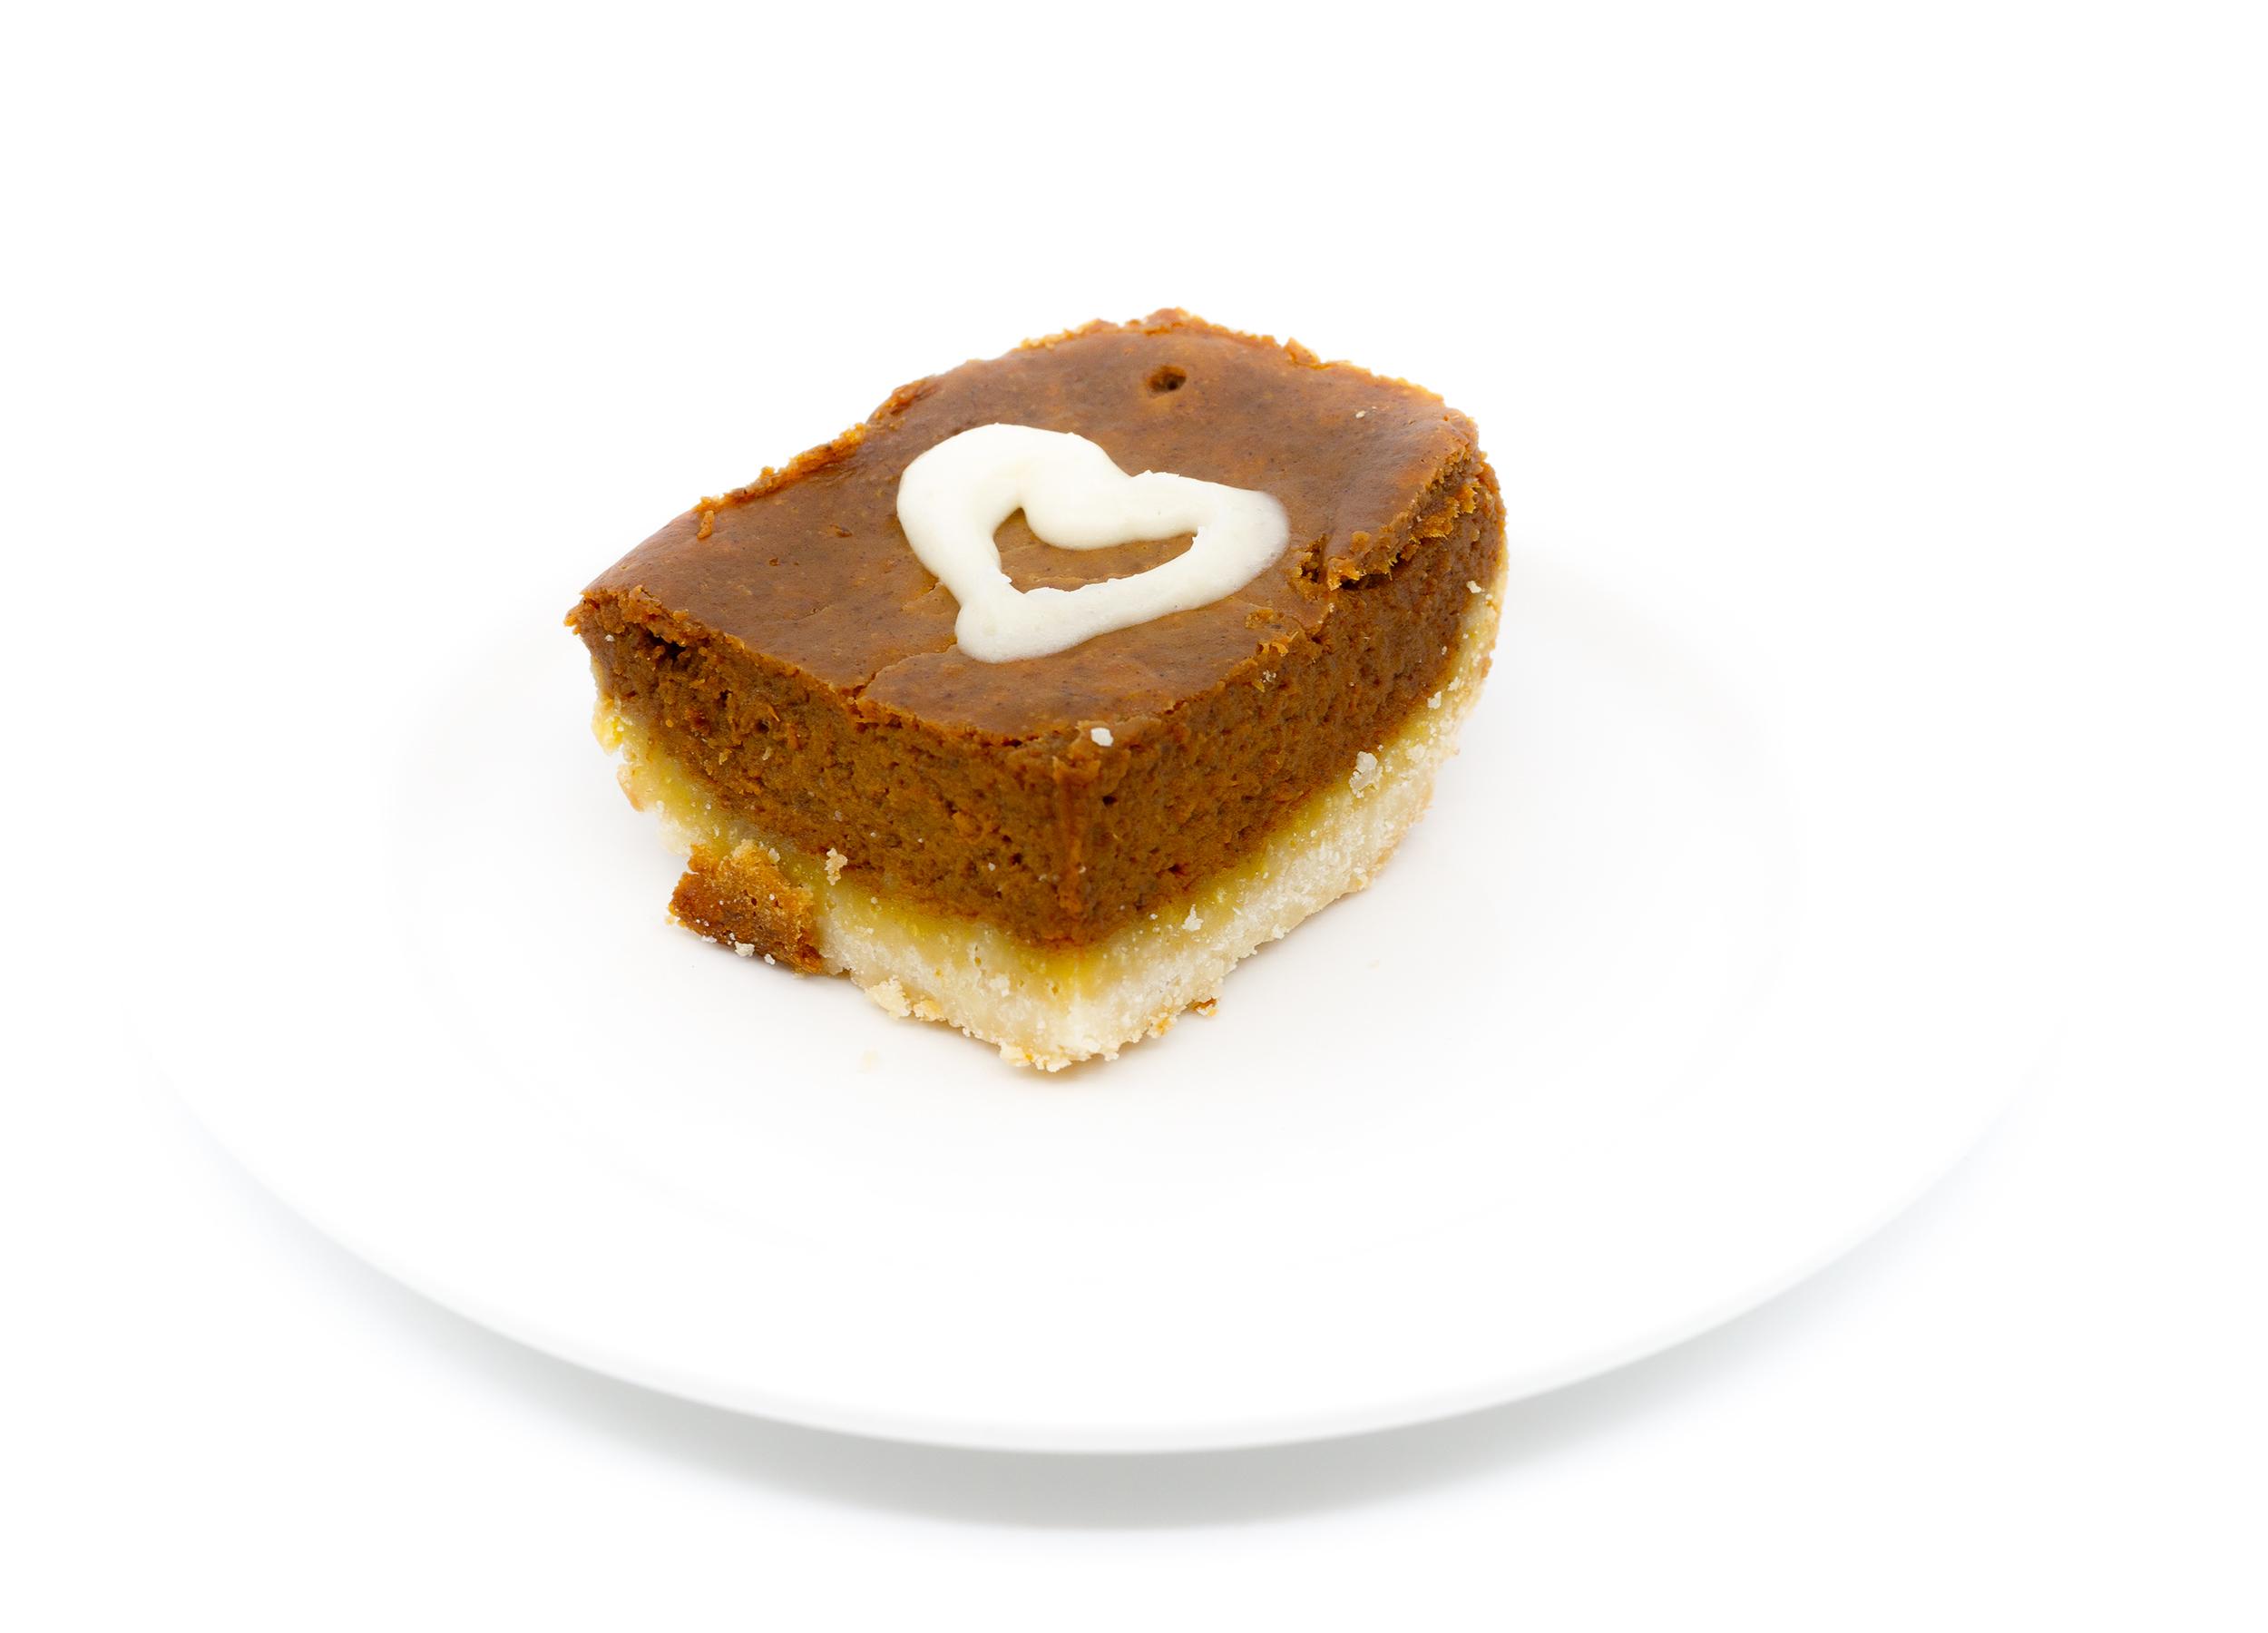 Baked-Good-10.jpg